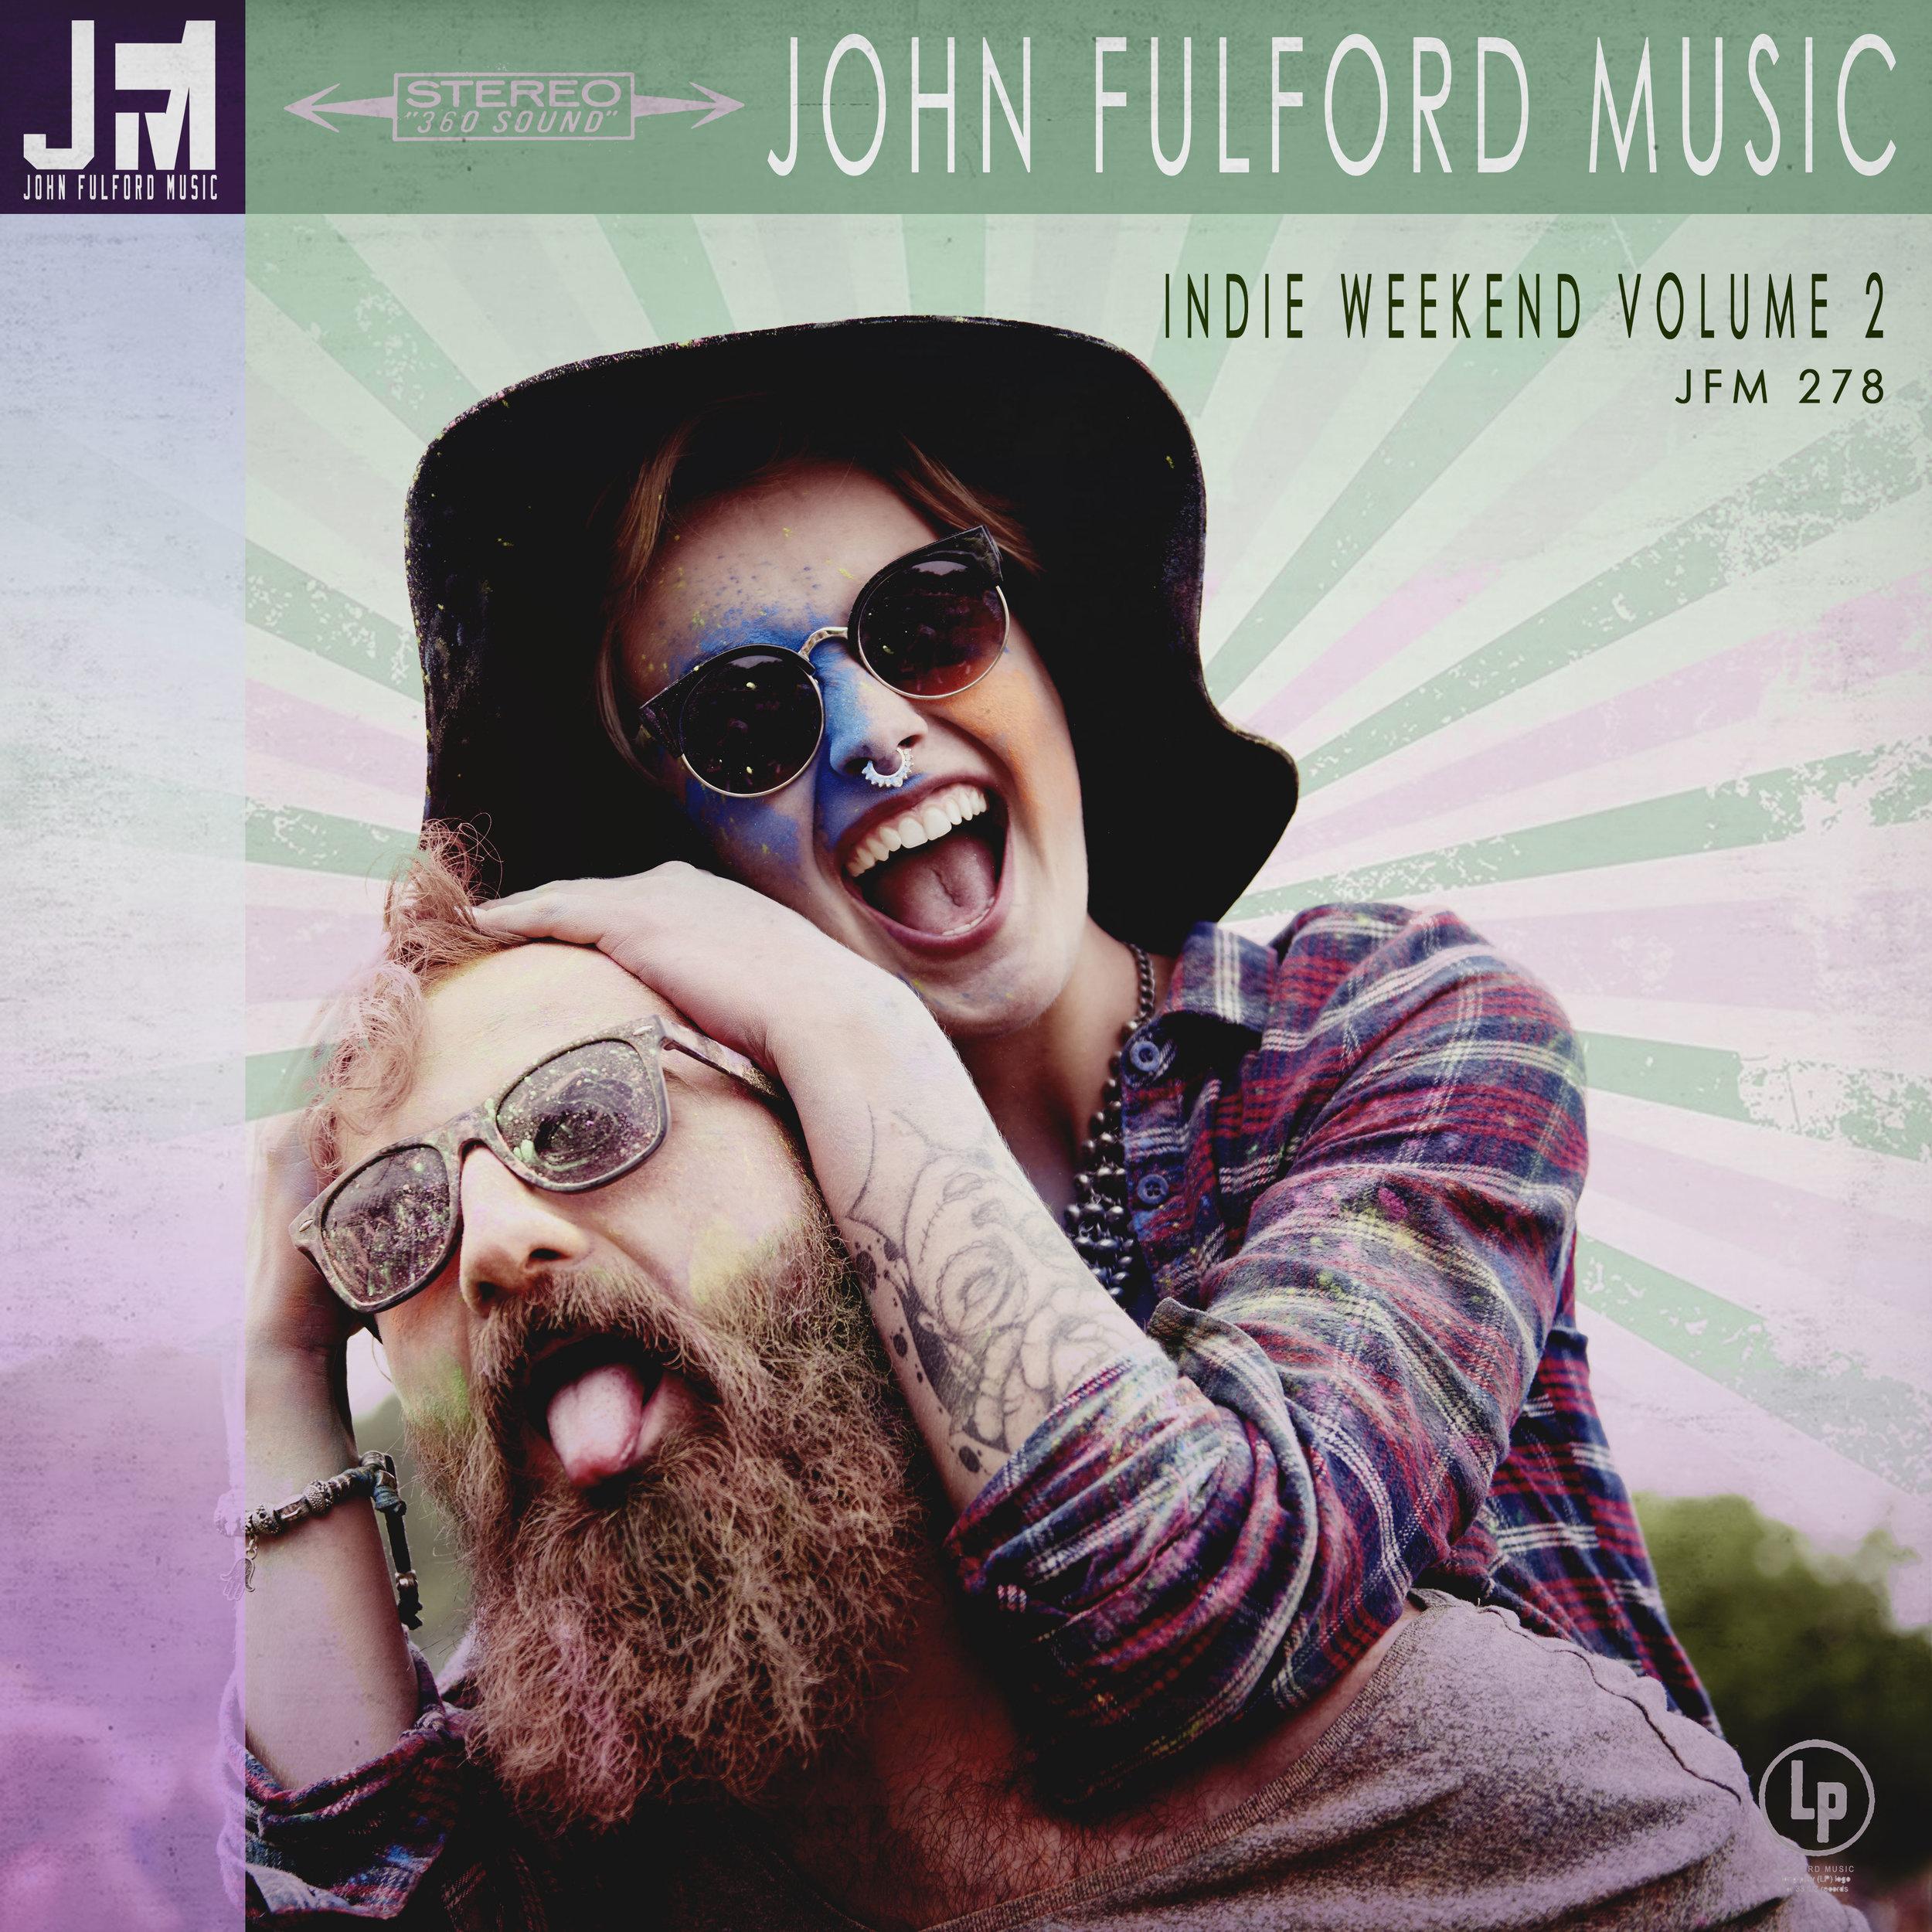 FULFORD-b-INDIE-WEEKEND-VOL-2---JFM278.jpg